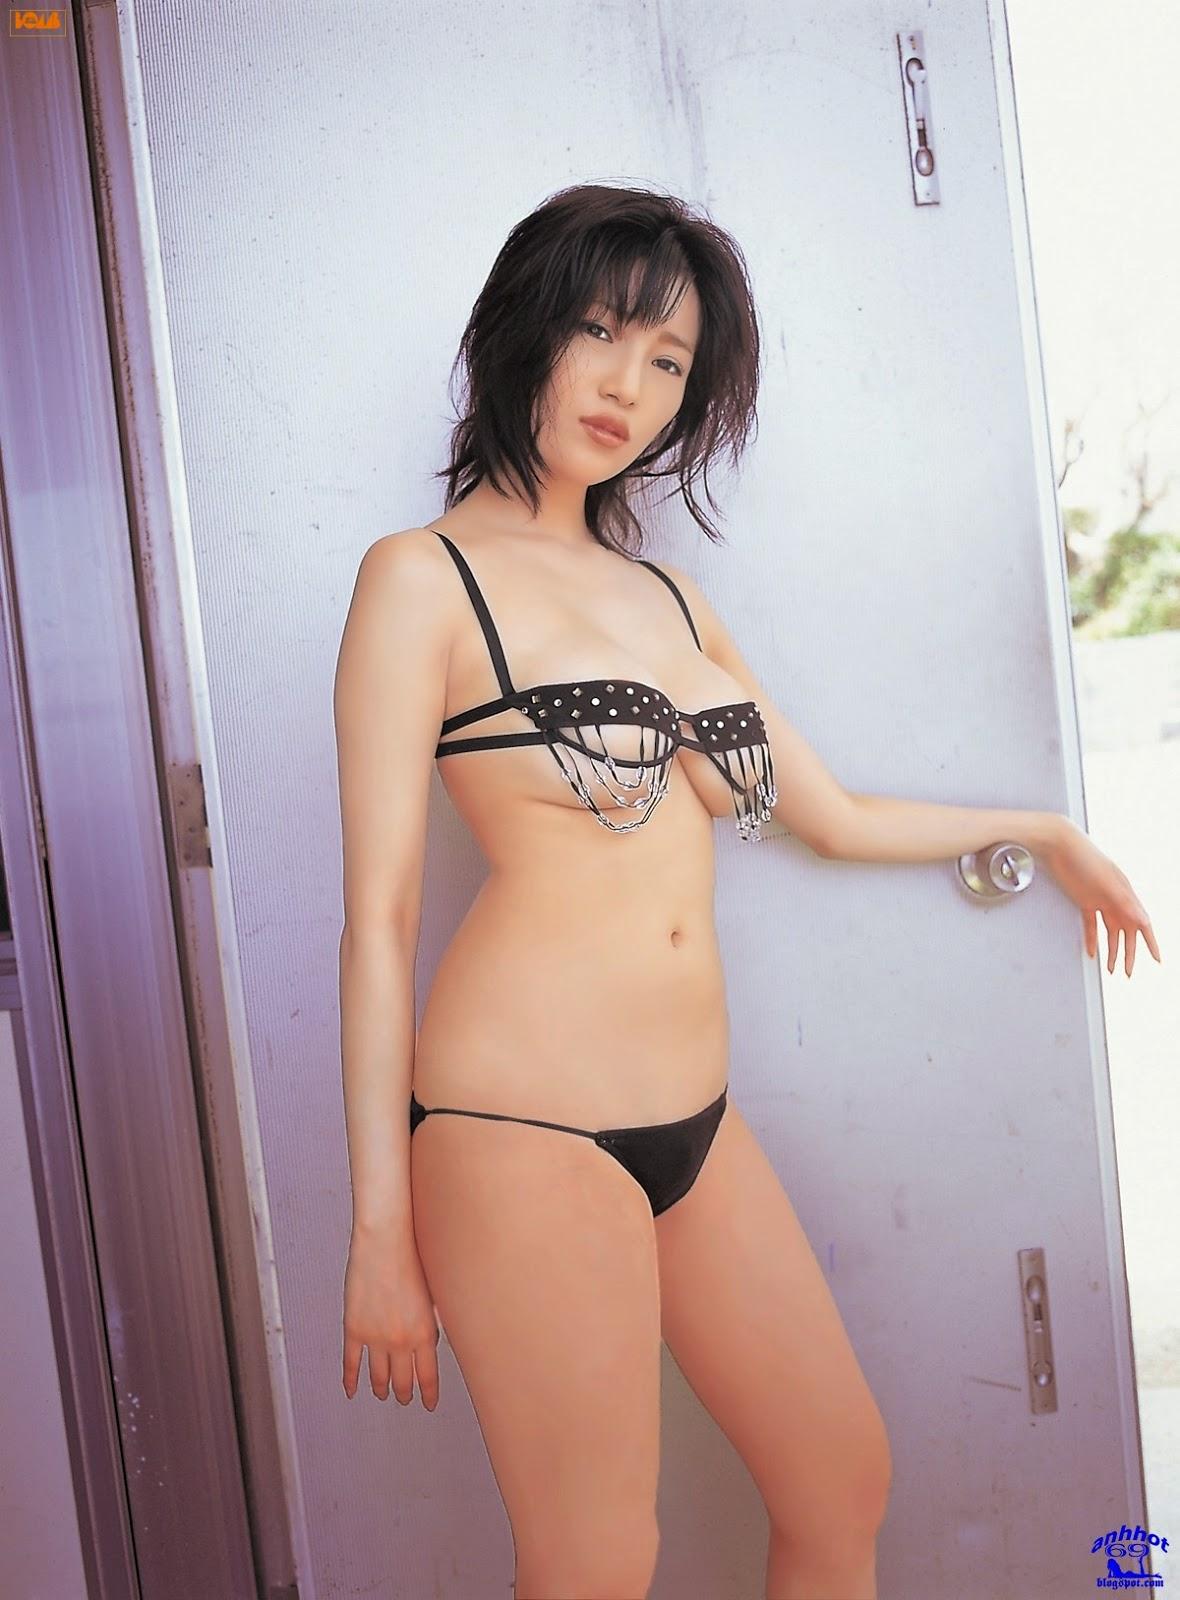 yuuri-morishita-02113497